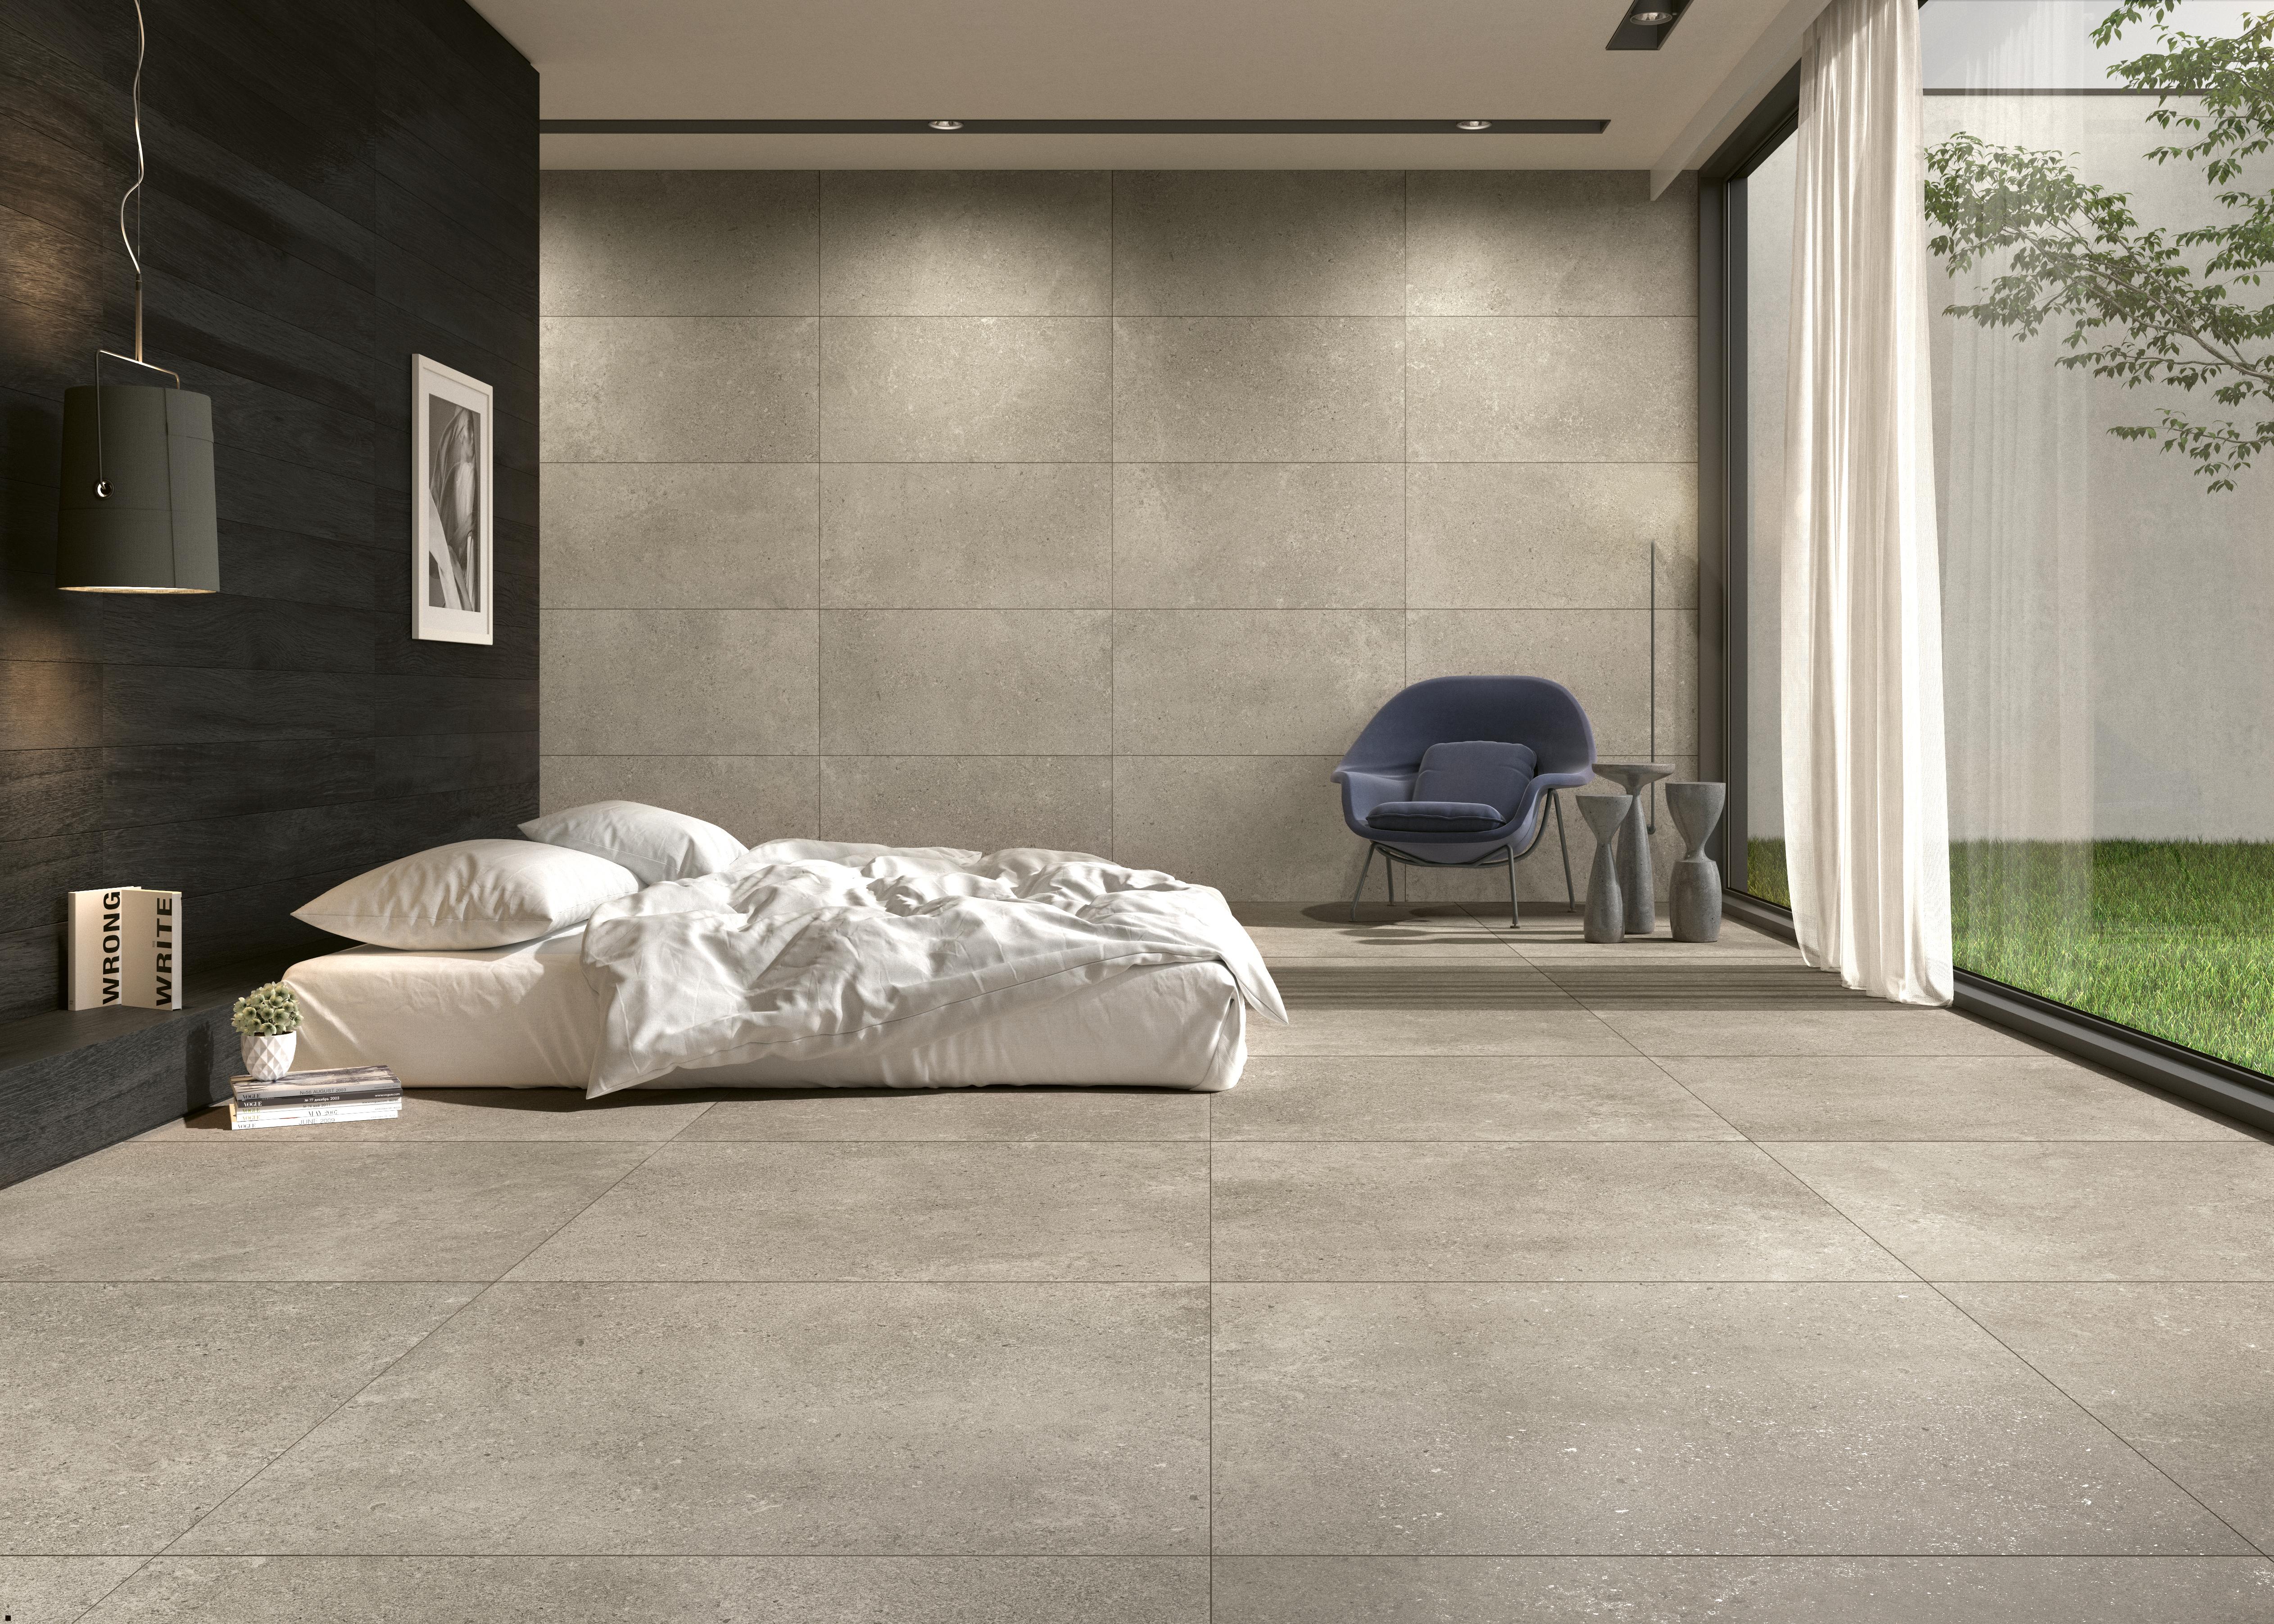 beige Steinoptik Fliesen im Schalafzimmer , beige stone effect tiles in the bedroom